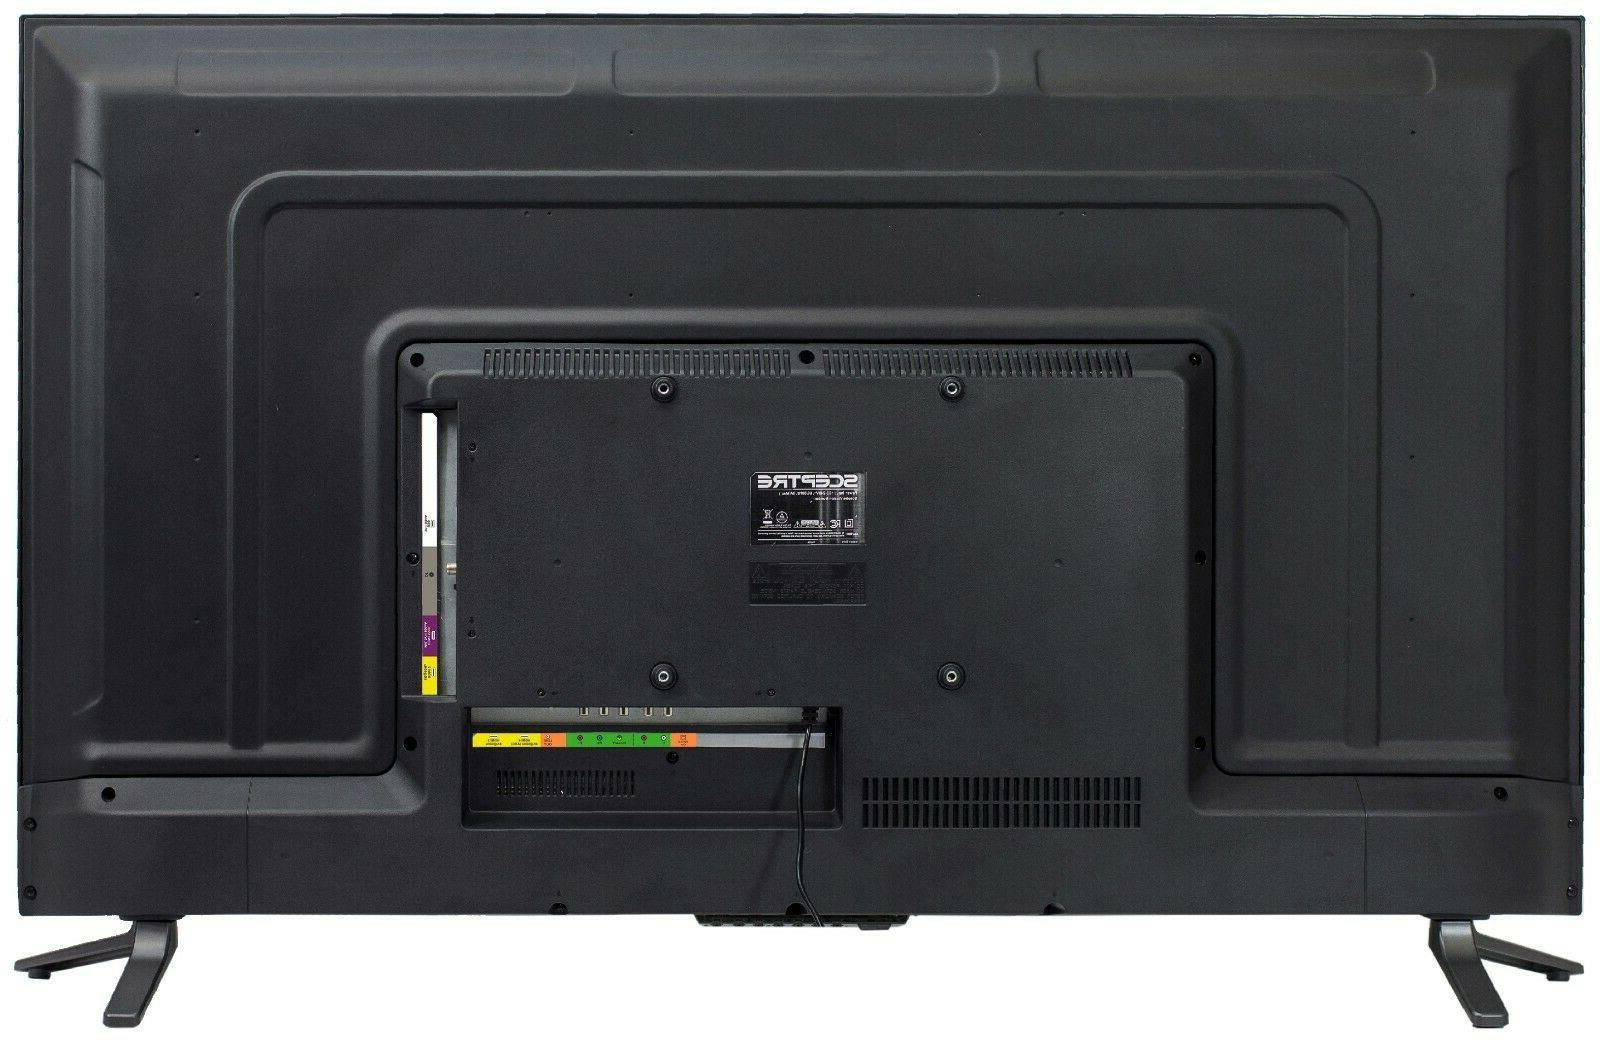 Sceptre U515CV-U 50 inch 2160p TV